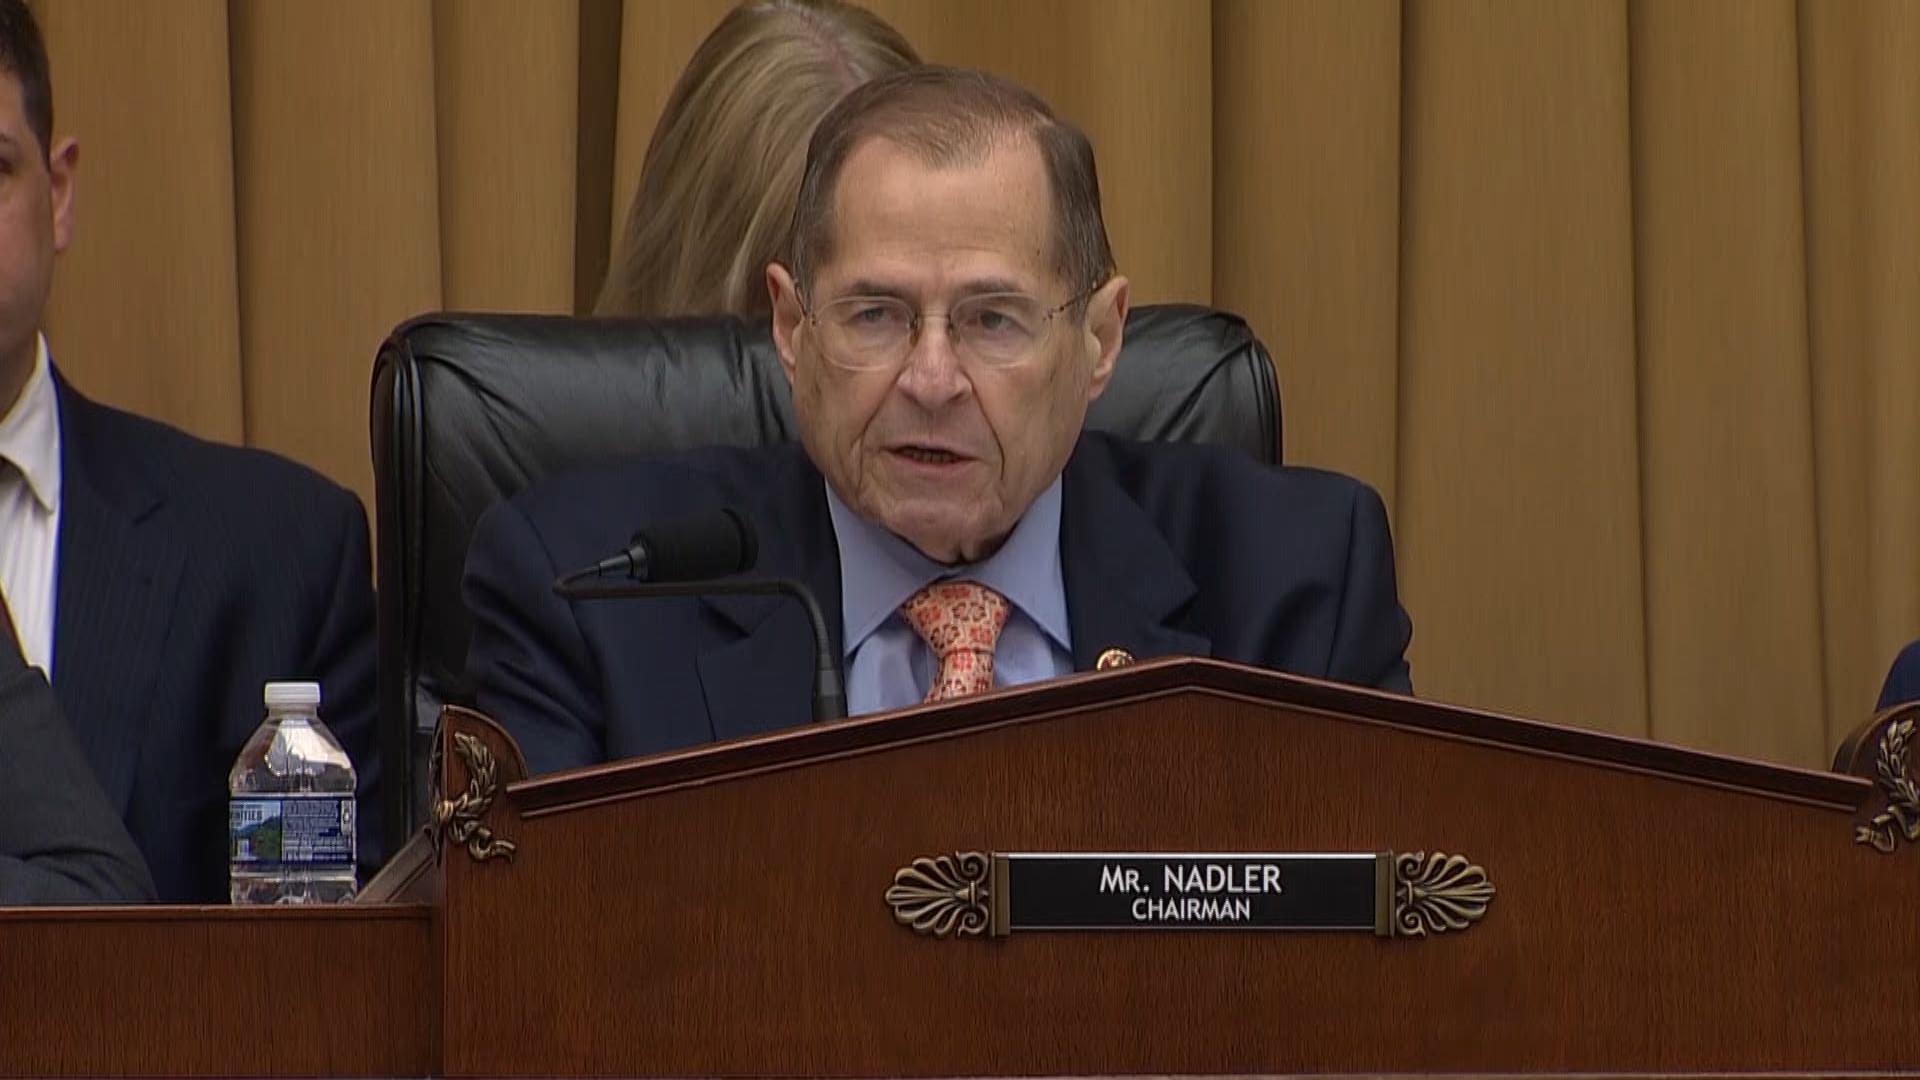 McGahn fails to show at Judiciary hearing, amping up anger among House Democrats